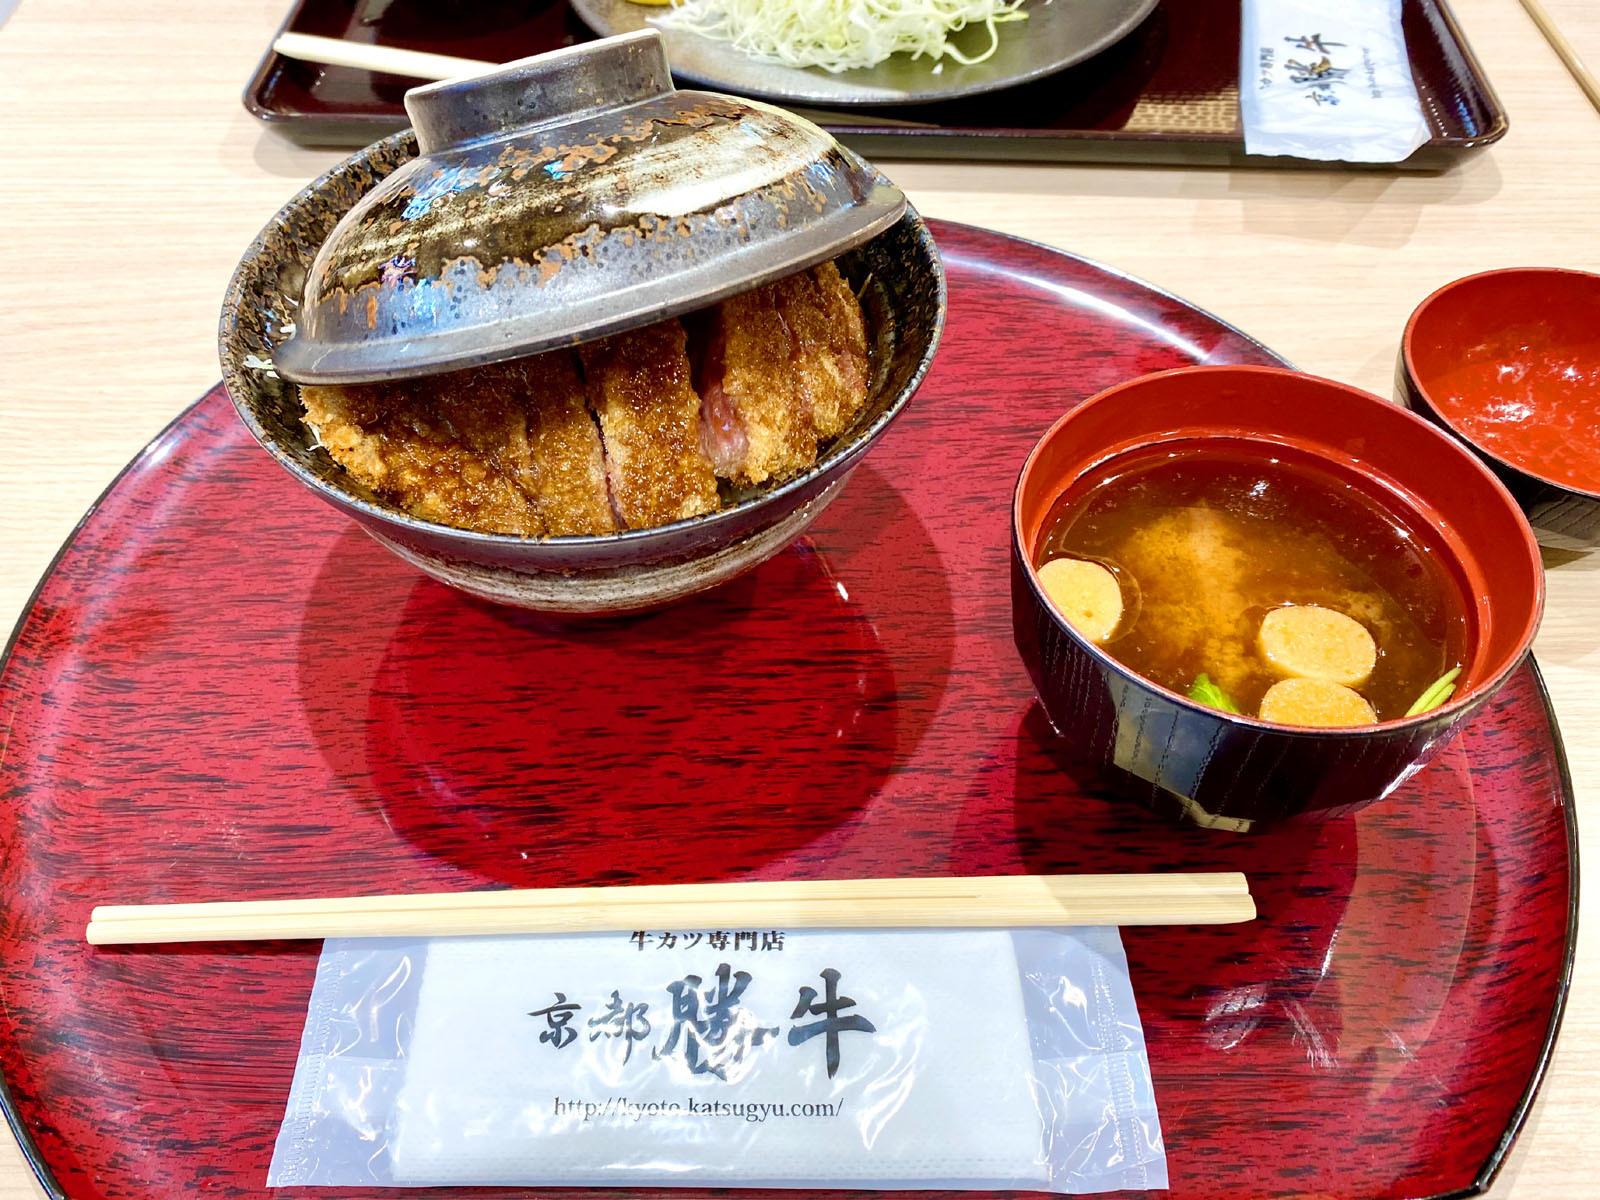 牛カツ 京都勝牛 ゆめタウン高松店 06 大判牛ソースカツ丼 赤だし付き 920円(+税)